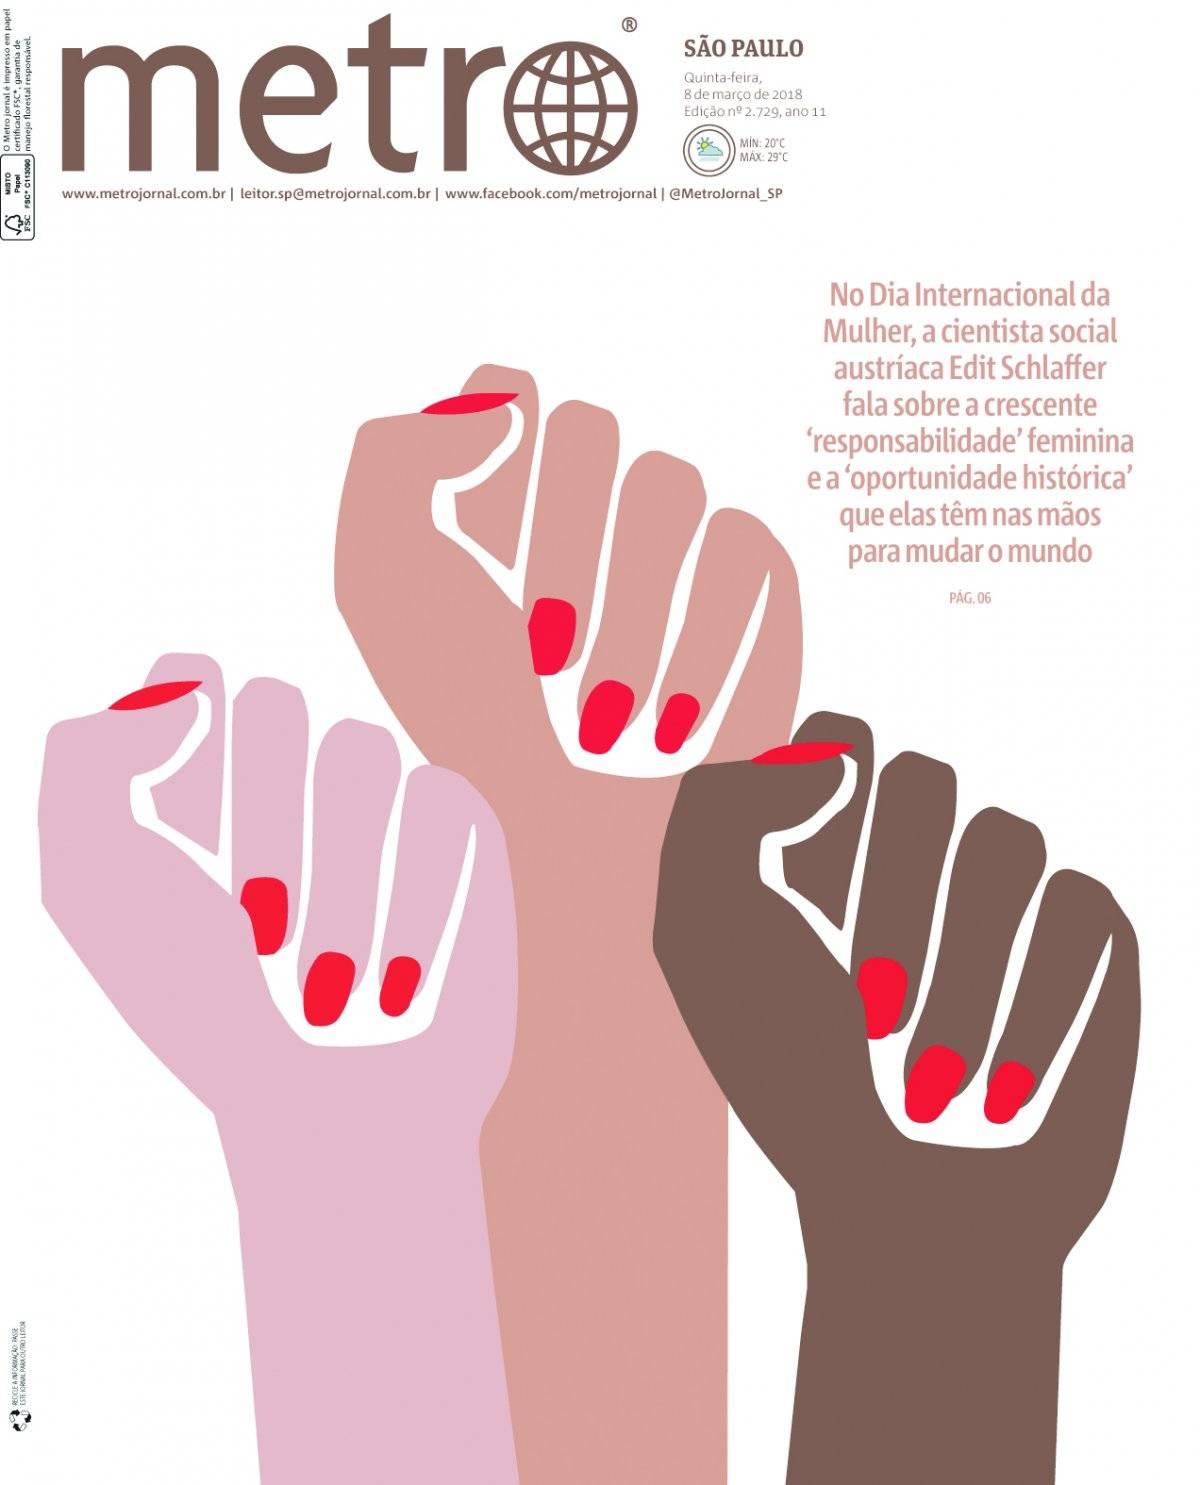 8 de março. O Metro celebrou o Dia Internacional das Mulheres em sua capa, ressaltando a importância (e a força) delas no processo de mudança do mundo hoje